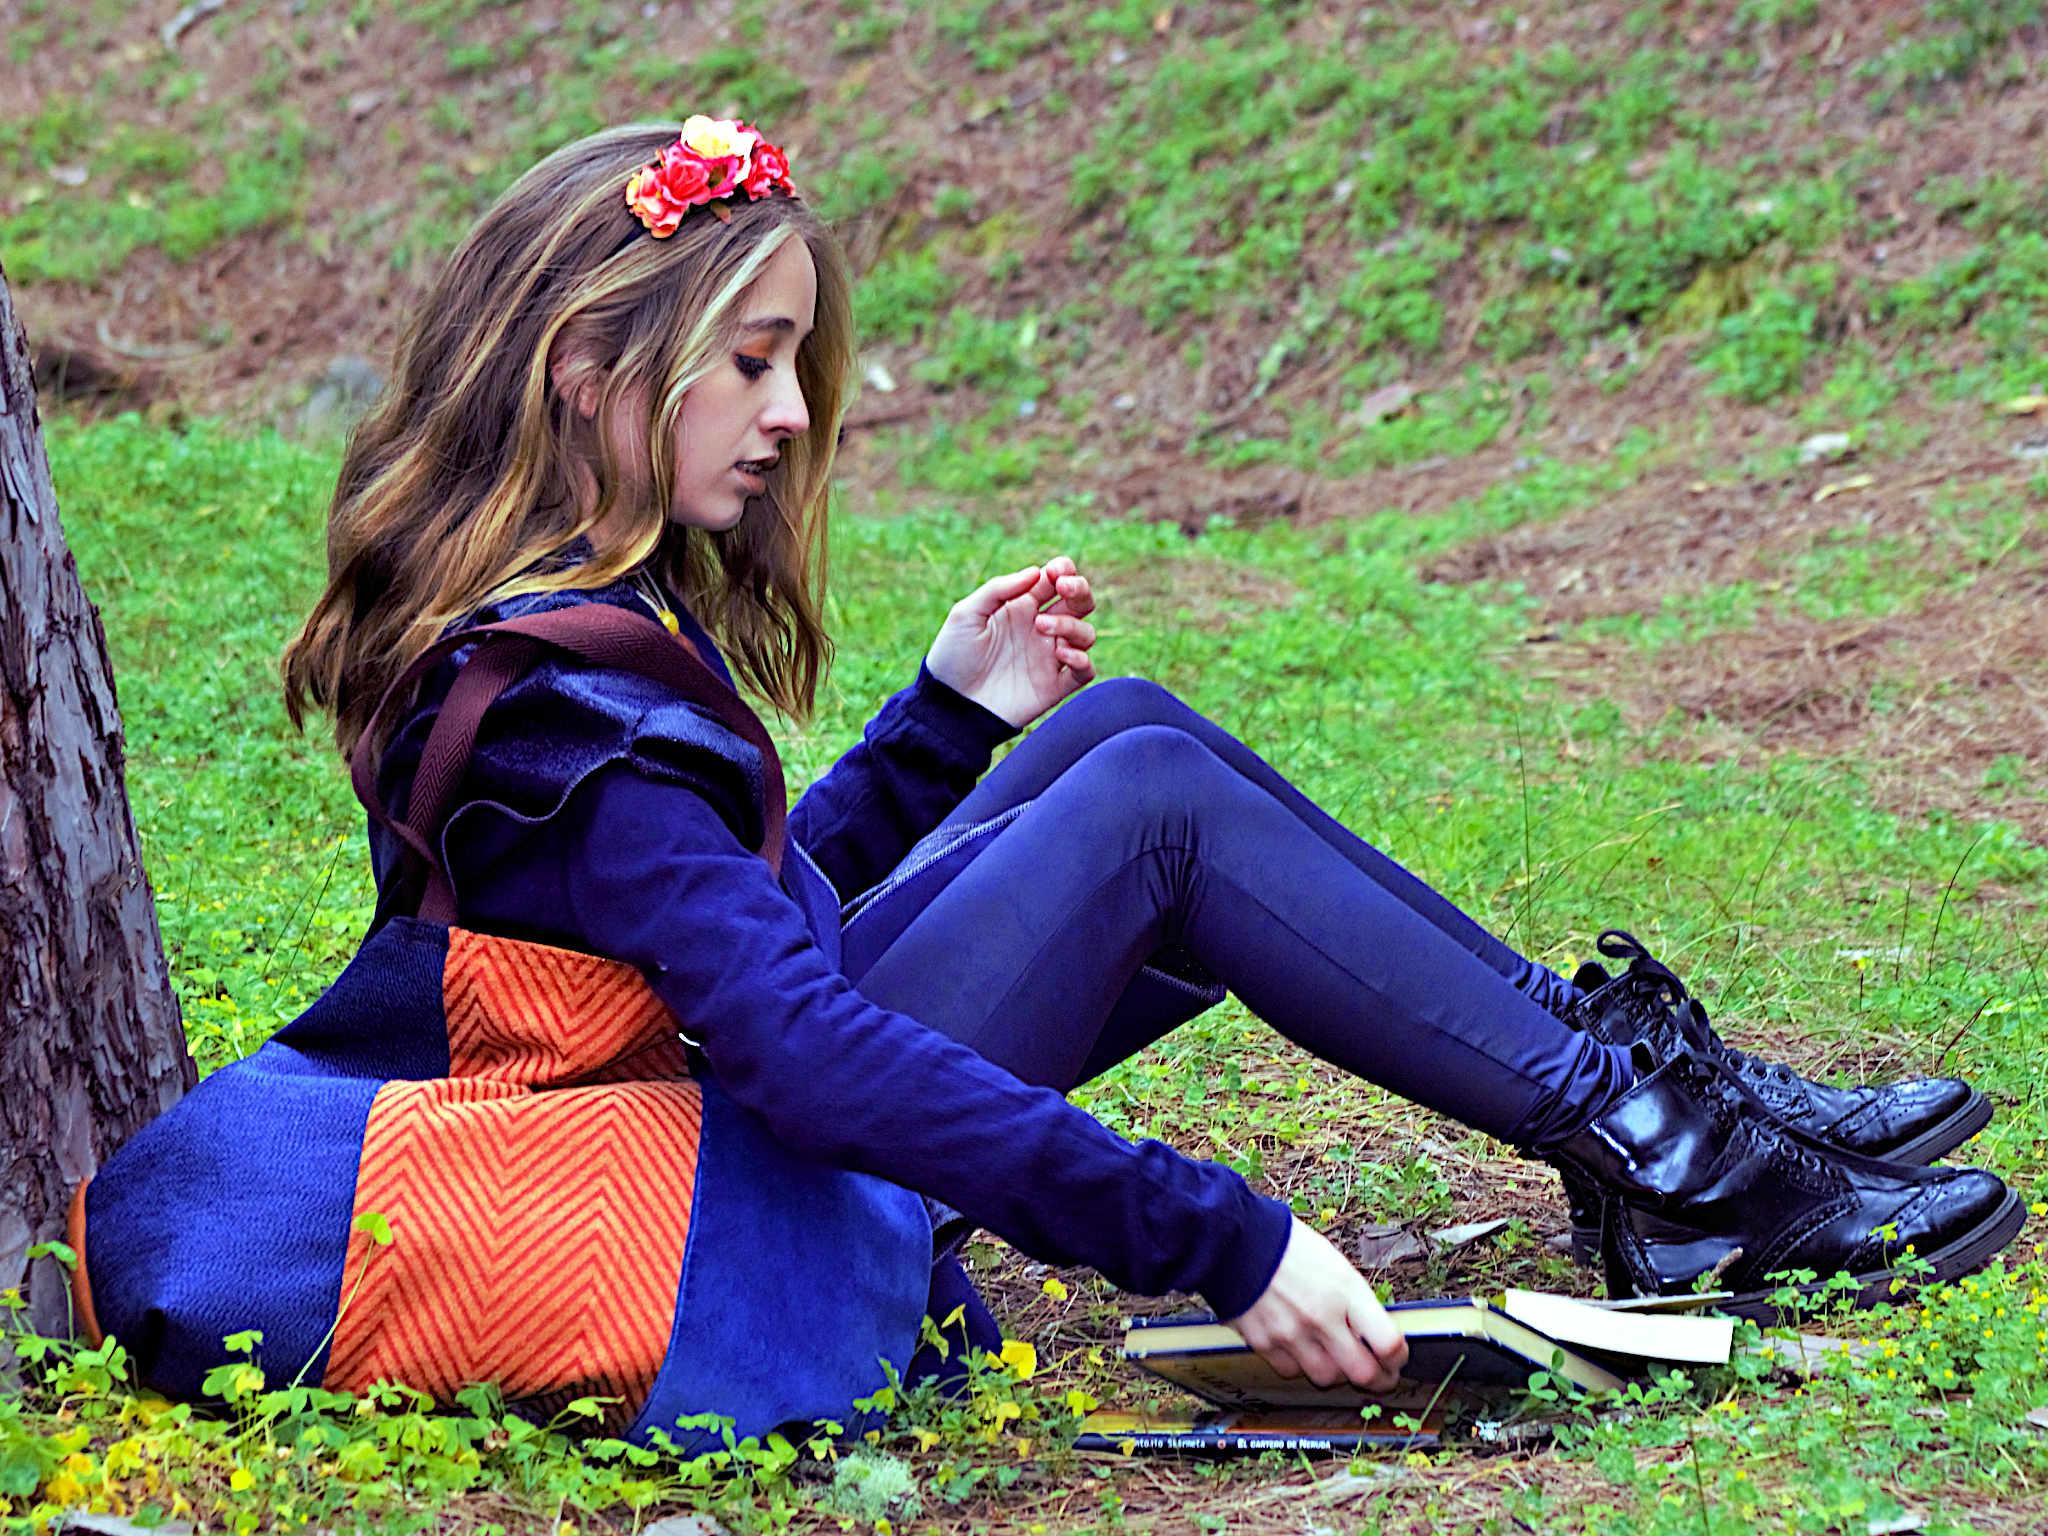 Mujer sentada en el suelo al pie de un árbol con un bolso de tela en el hombro